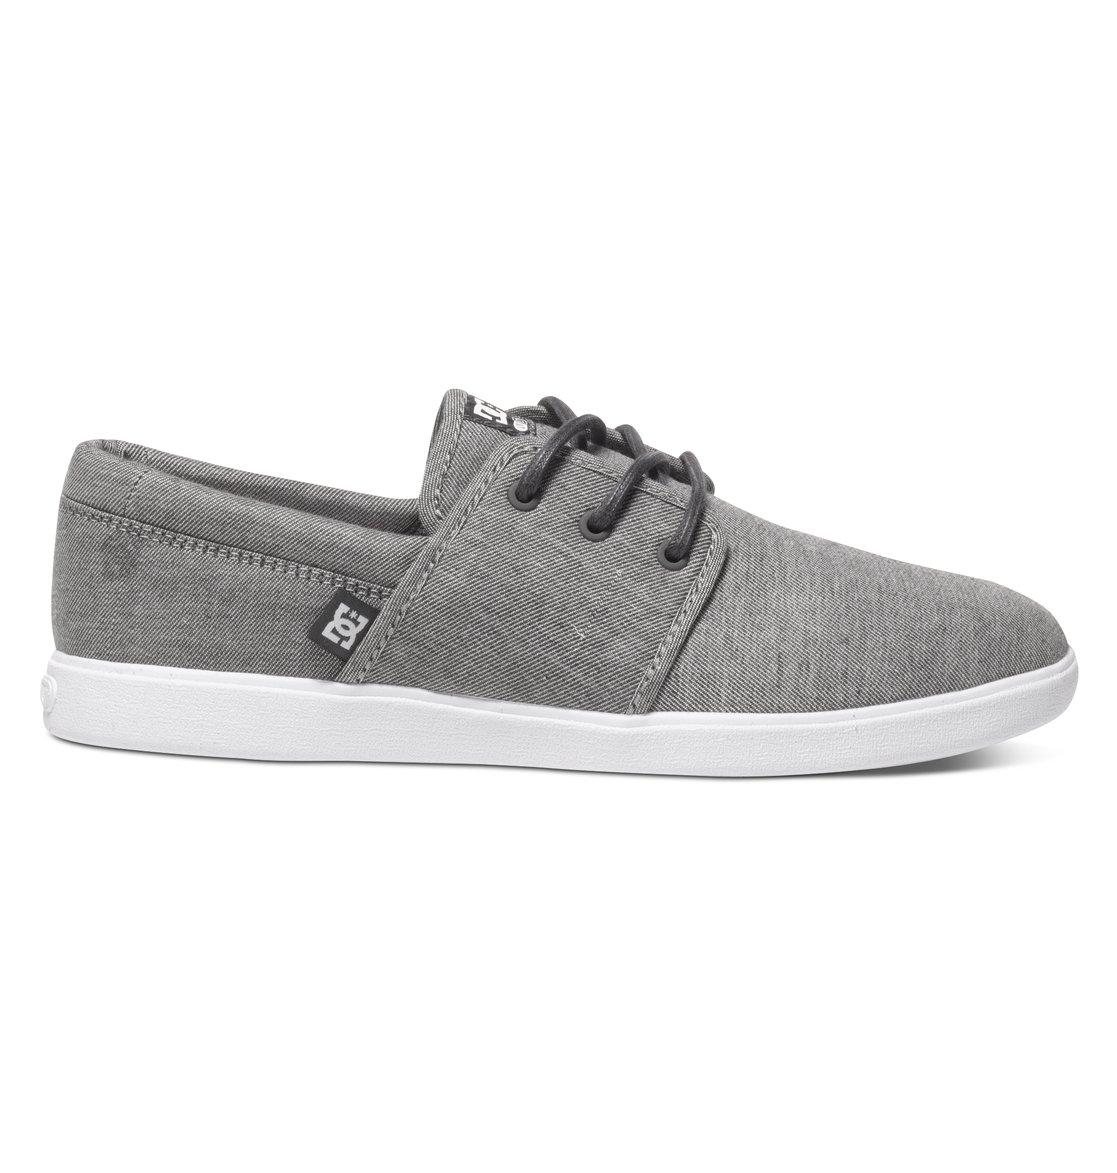 Shoes Adys700059 Baskets Se Pour Haven Homme Tx Dc xZ0qSHp